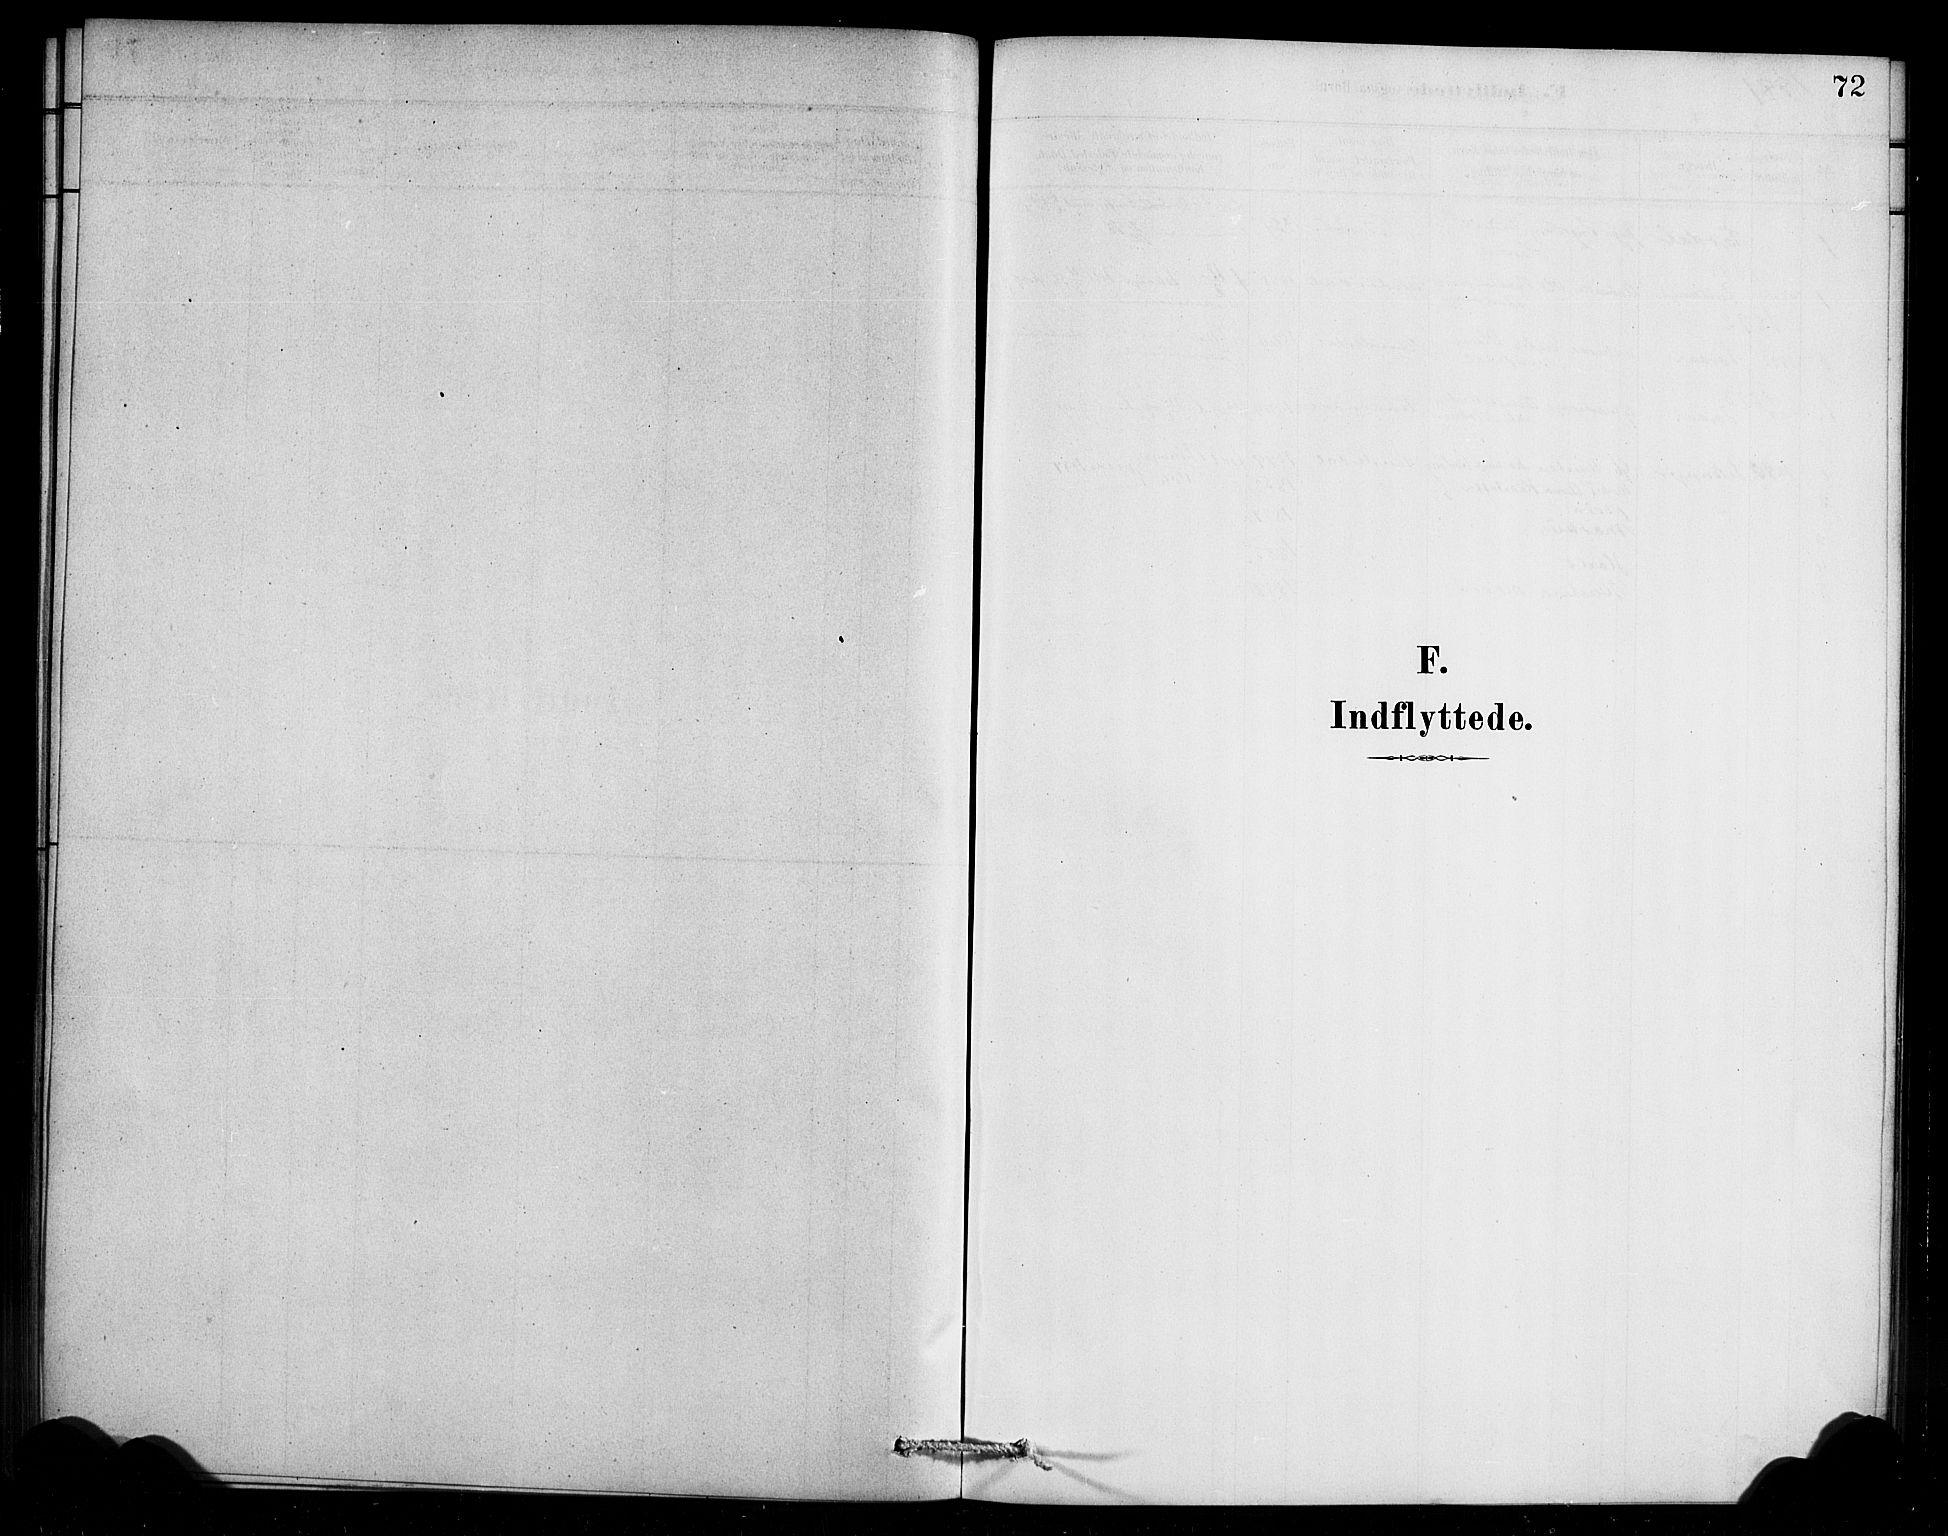 SAB, Aurland Sokneprestembete*, Ministerialbok nr. E 1, 1880-1907, s. 72